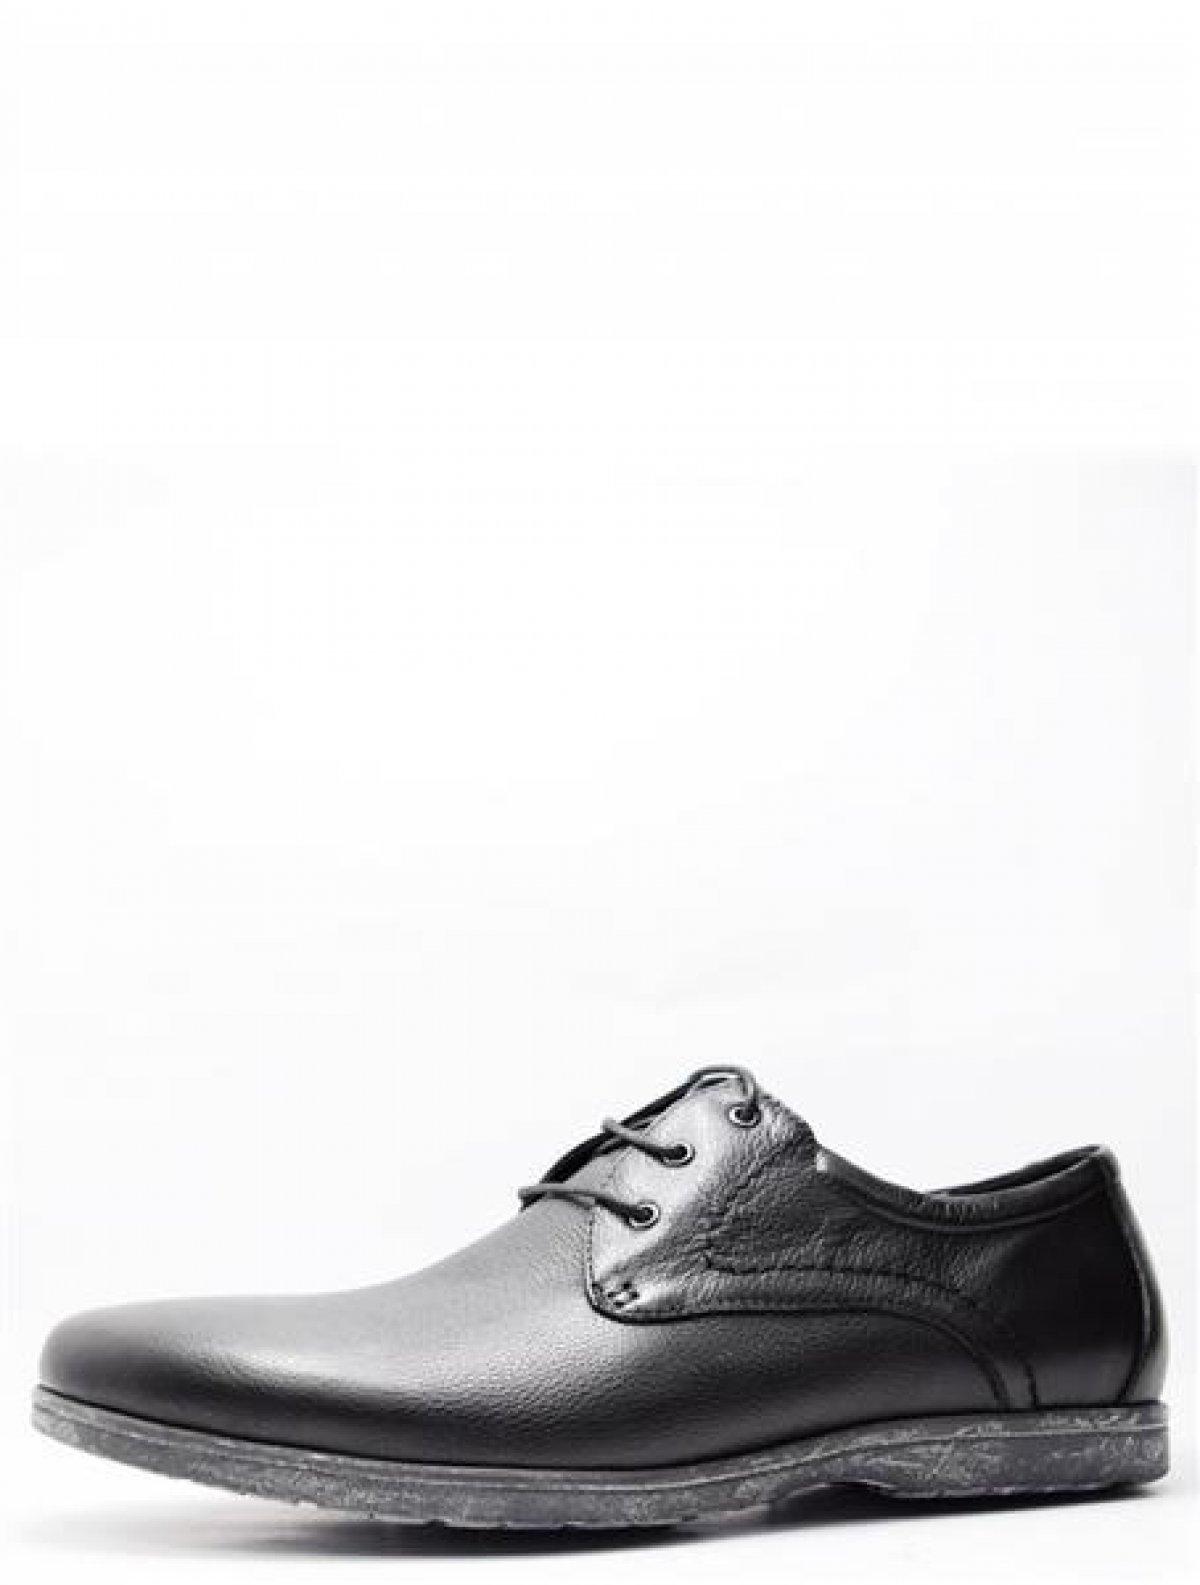 K83-065209-Z мужские туфли